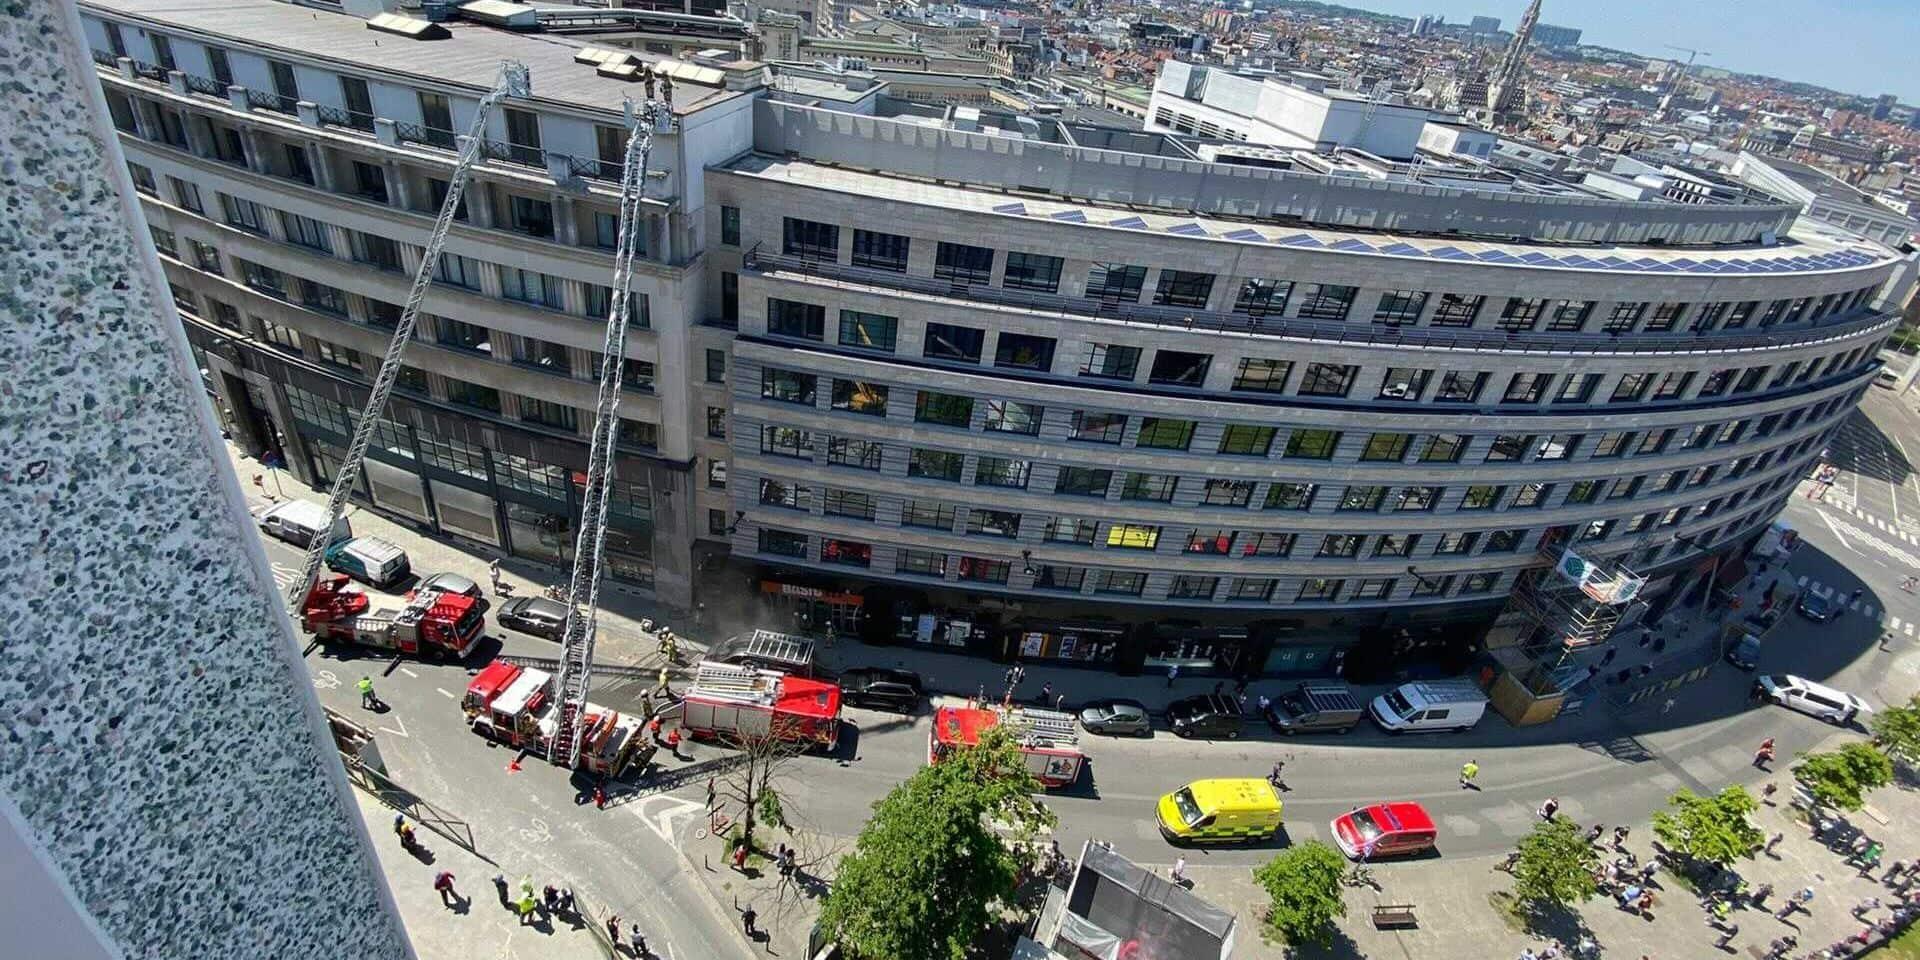 Bruxelles: la rédaction de De Standaard brièvement évacuée en raison d'un incendie